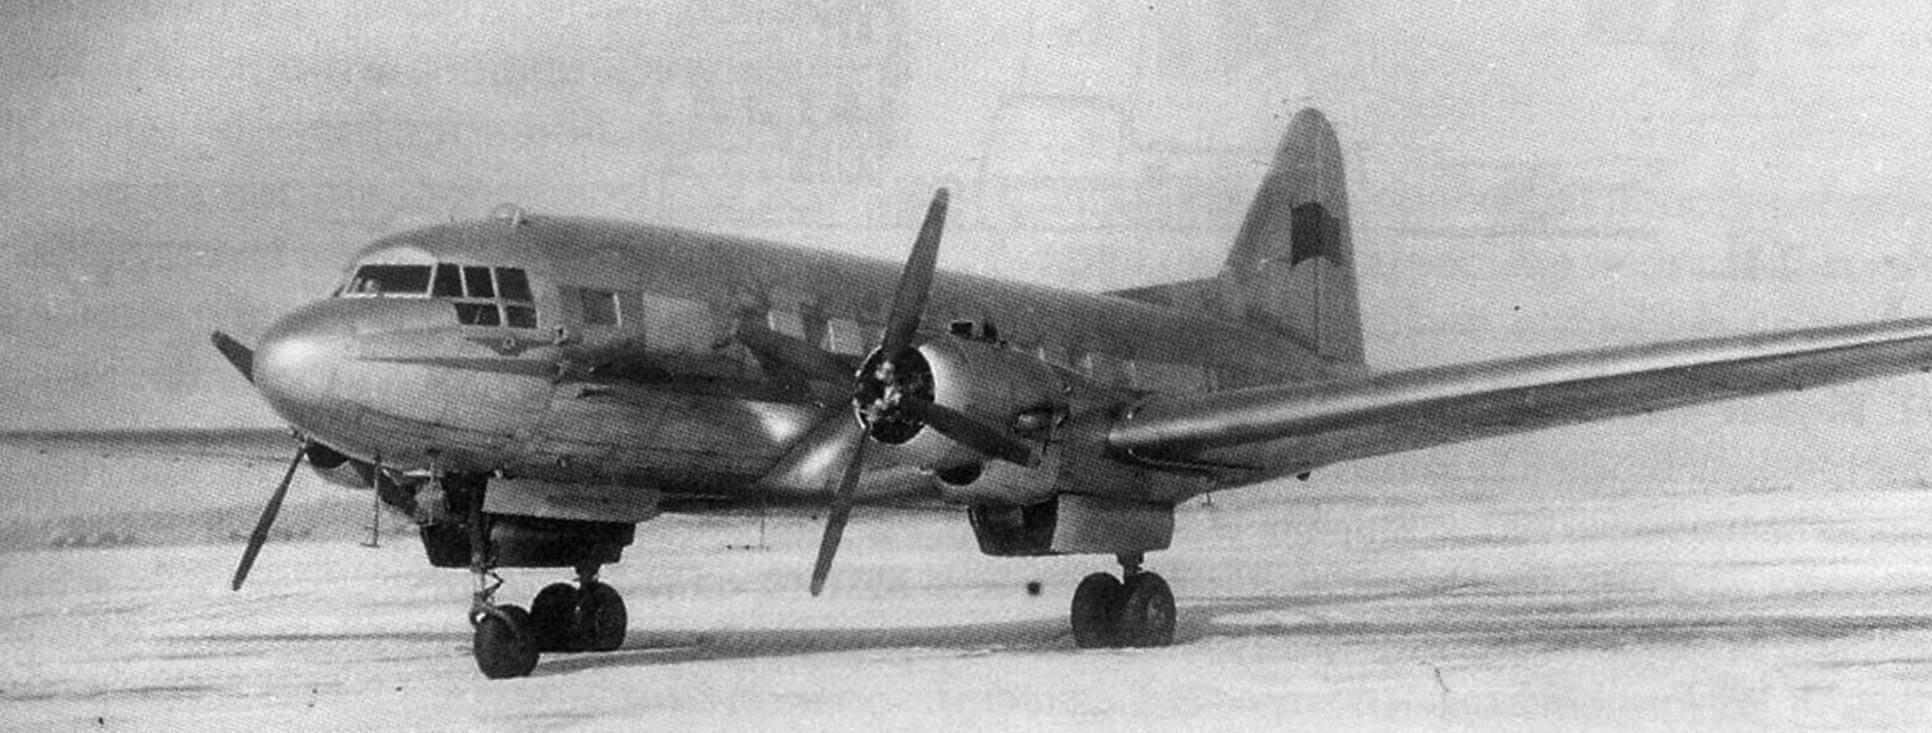 ГОТОВ К ТРУДУ И ОБОРОНЕ (Пассажирский лайнер Ил-12)